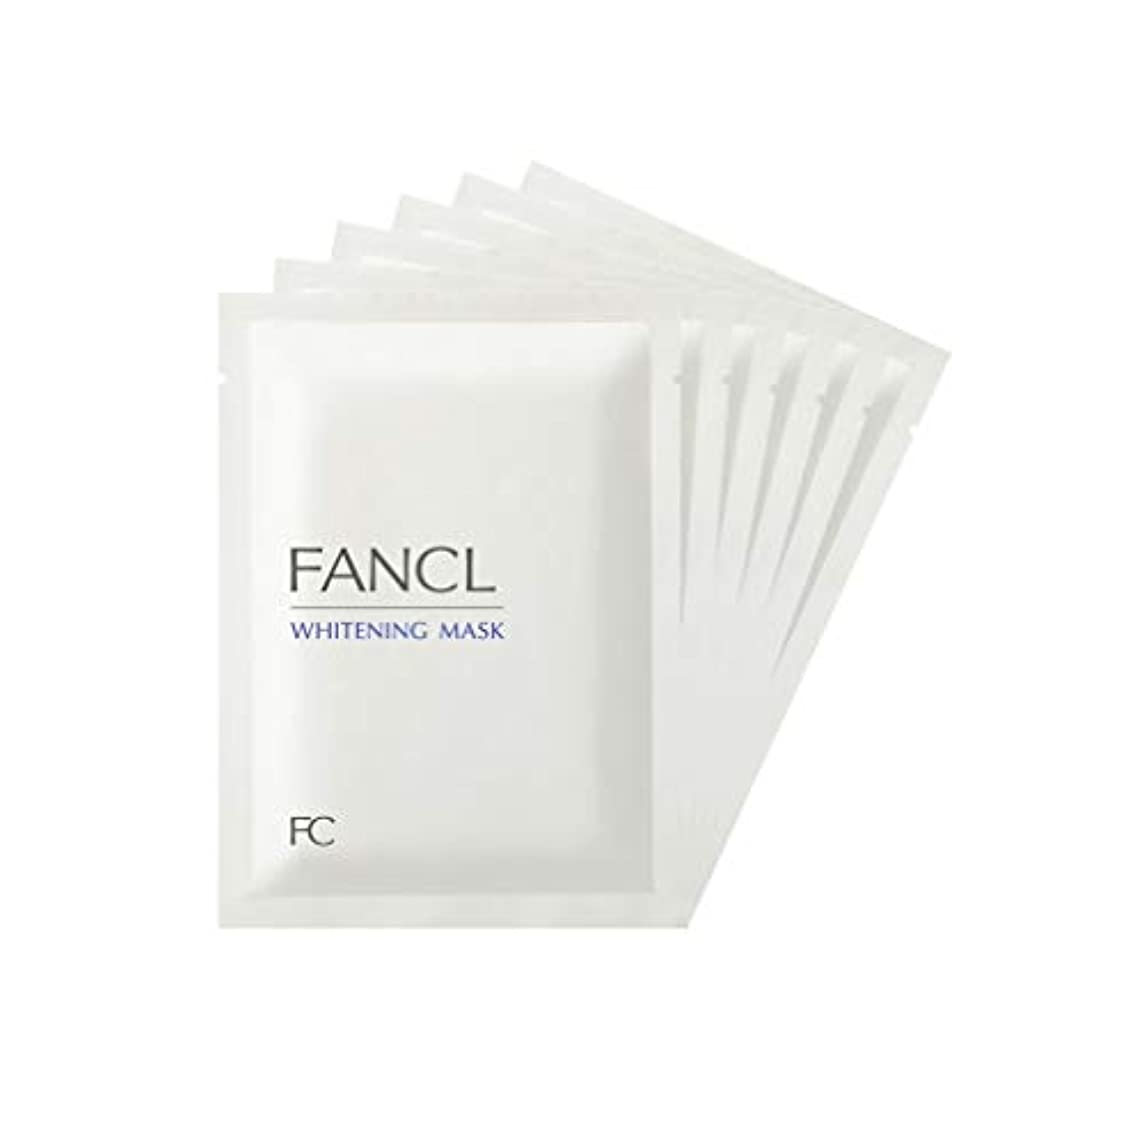 等々固執呪いファンケル (FANCL) 新 ホワイトニング マスク 6枚セット (21mL×6) 【医薬部外品】